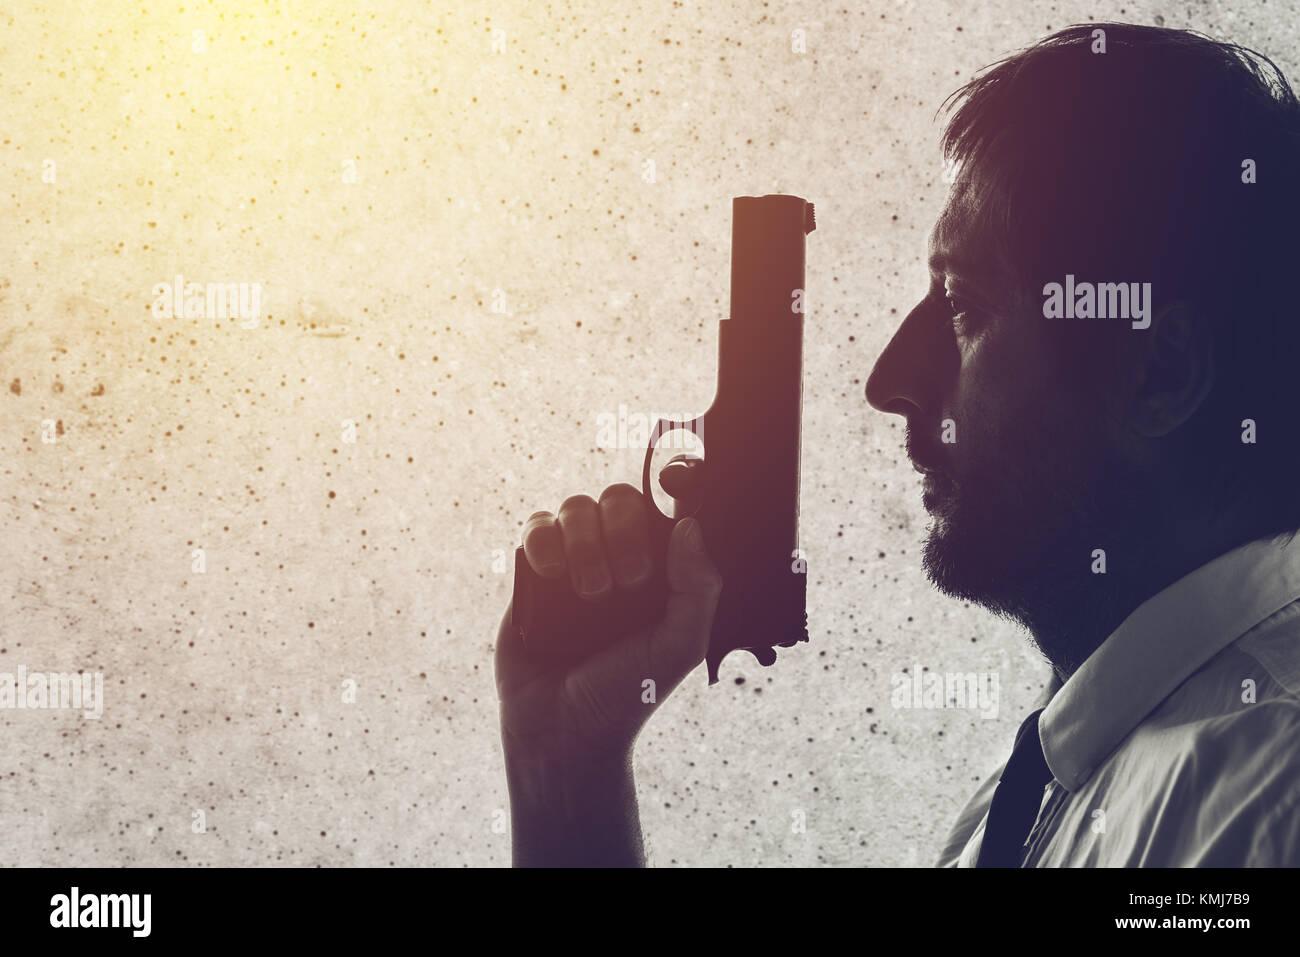 Man with a gun. Police officer, criminal investigation detective or secret service agent. Grunge edit. - Stock Image